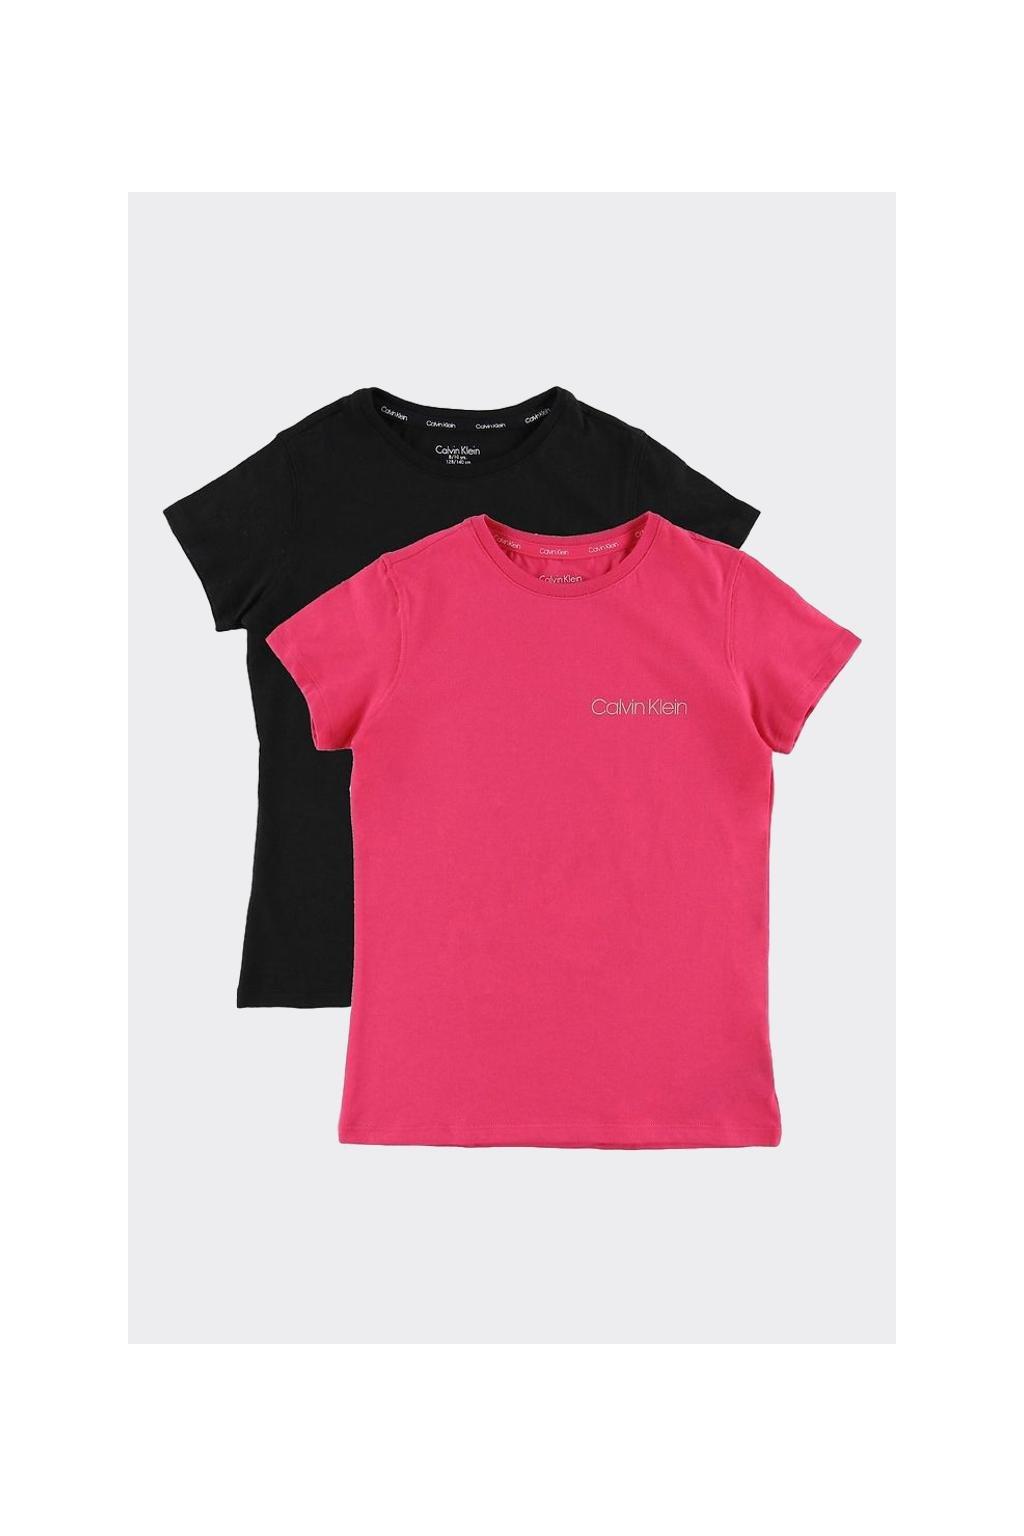 PRO DĚTI! Calvin Klein 2 balení triček GIRLS - růžová, černá